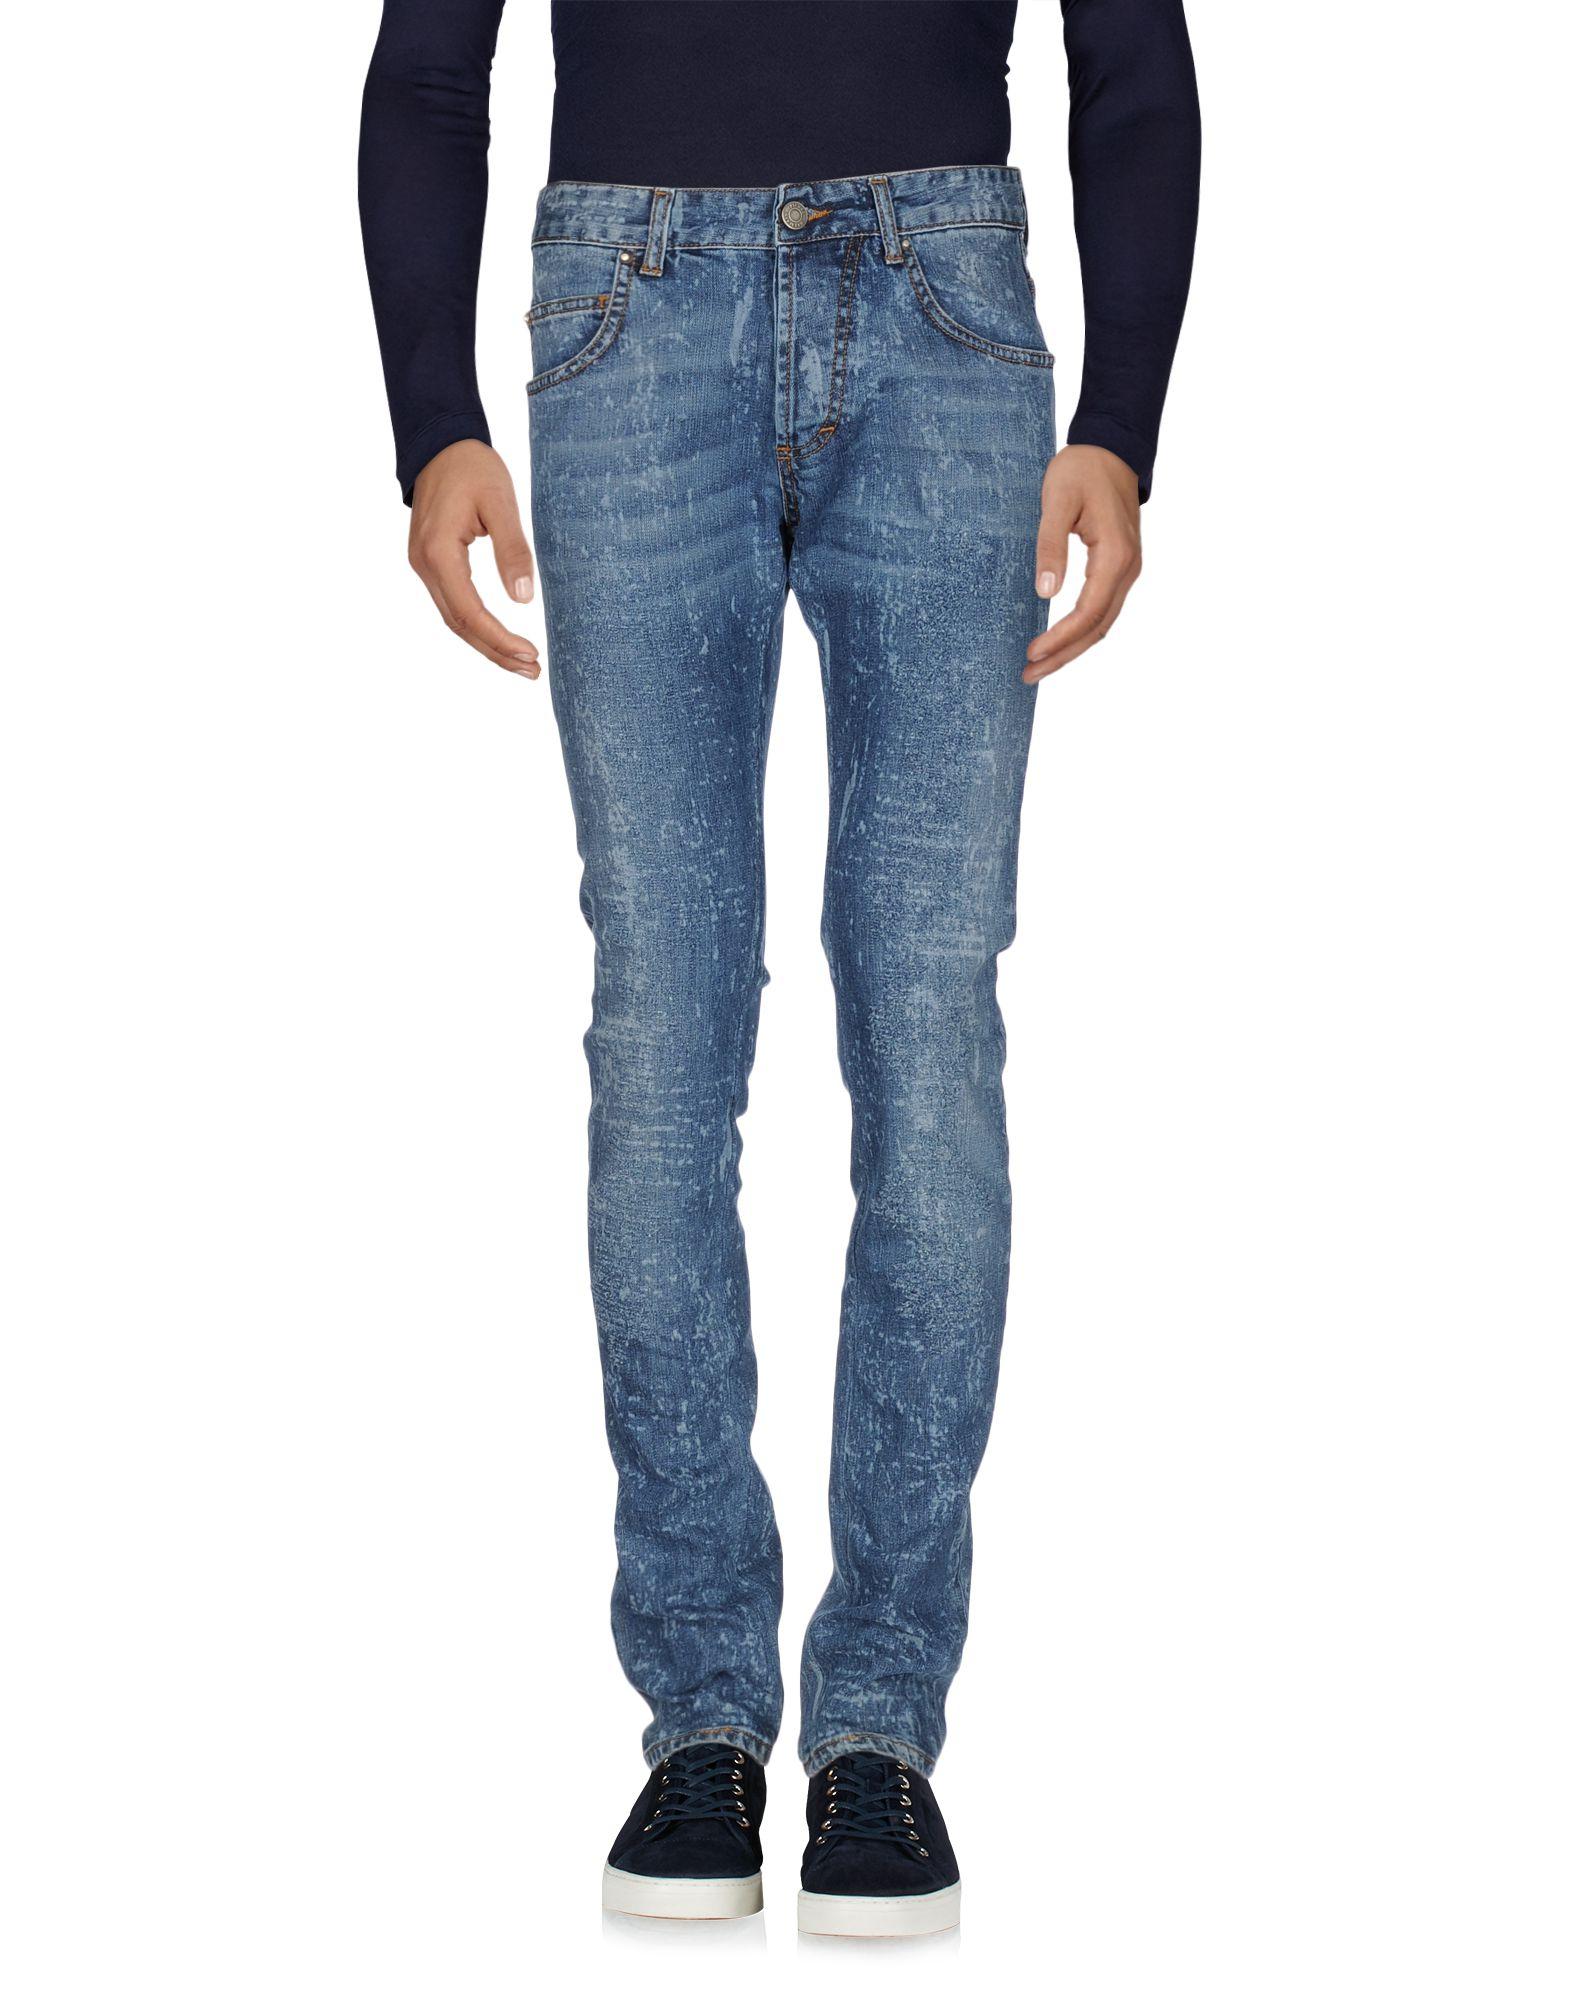 PIERRE BALMAIN Herren Jeanshose Farbe Blau Größe 8 jetztbilligerkaufen